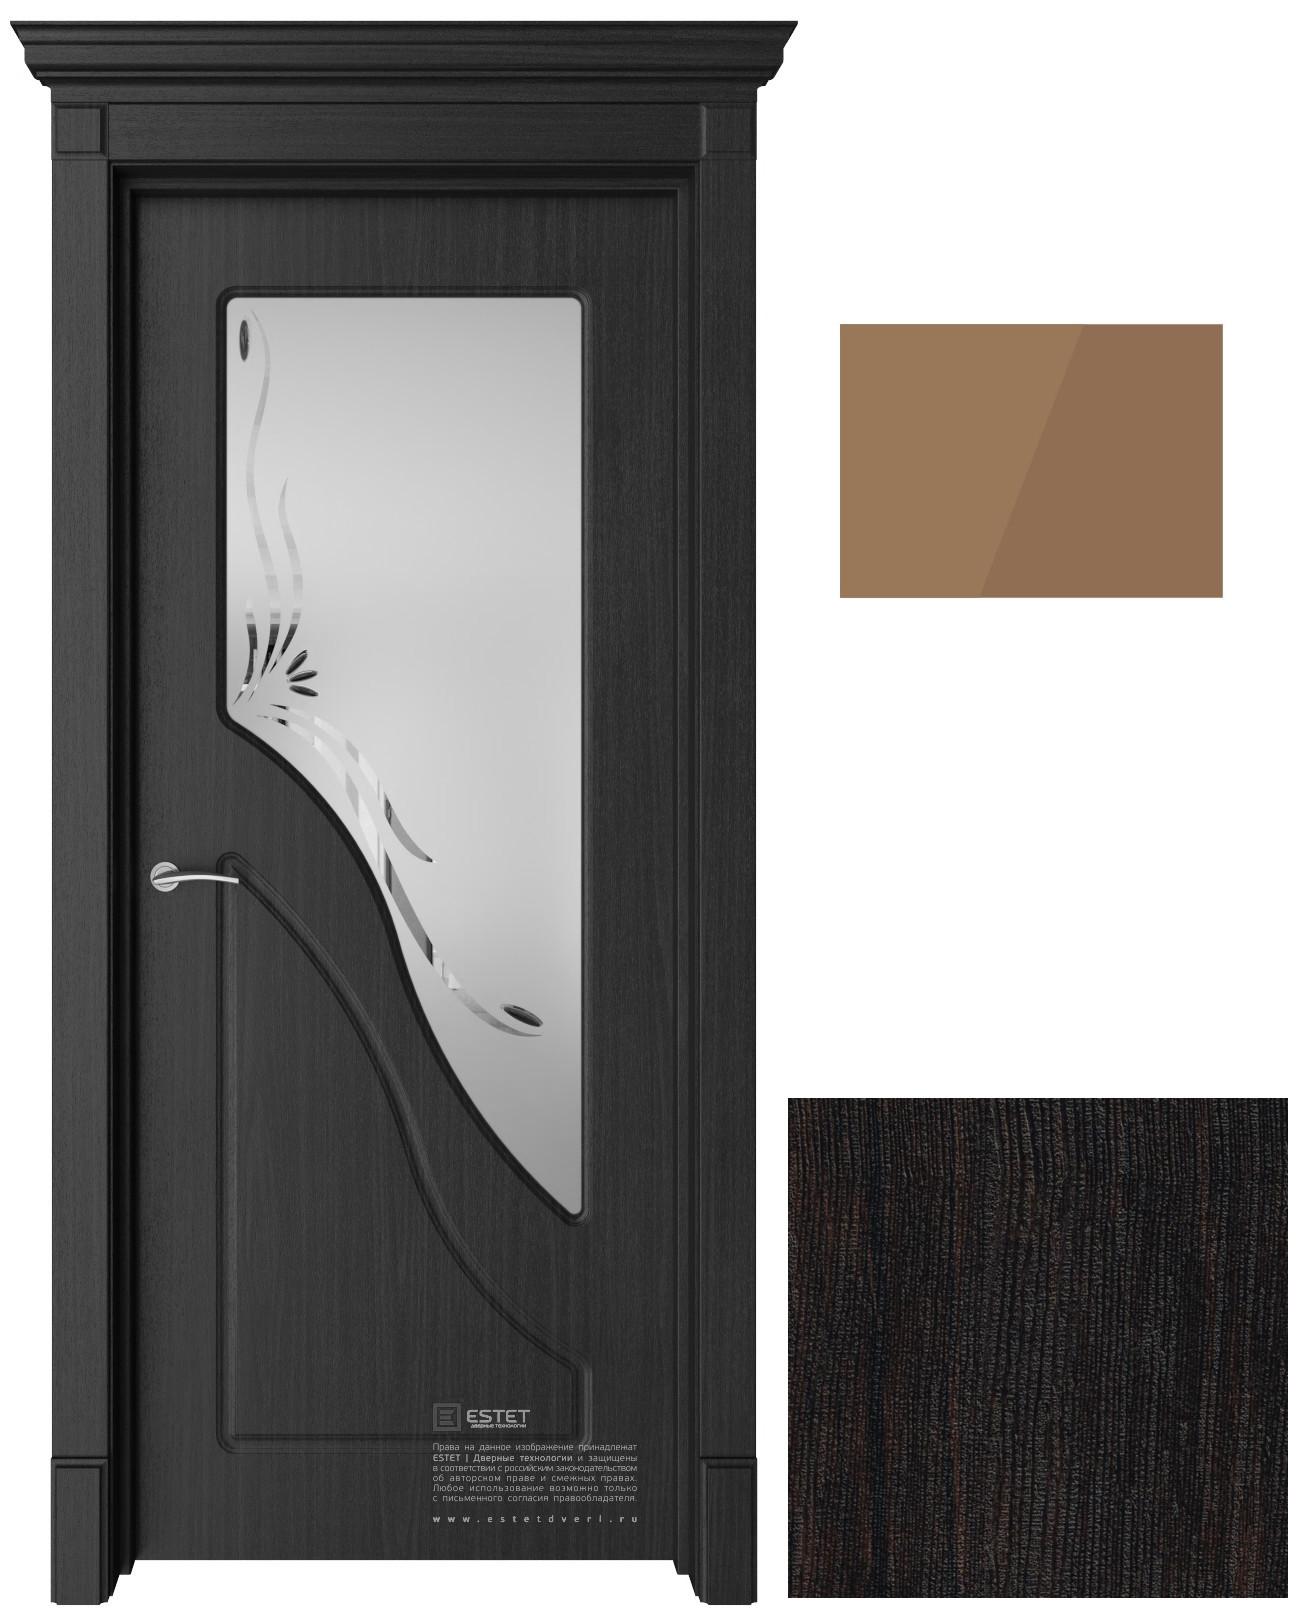 Межкомнатная дверь ПВХ Эстет Жасмин ДО Тиковое дерево стекло бронза 600x2000 ПОСЛЕДНИЙ РАЗМЕР ПО АКЦИИ